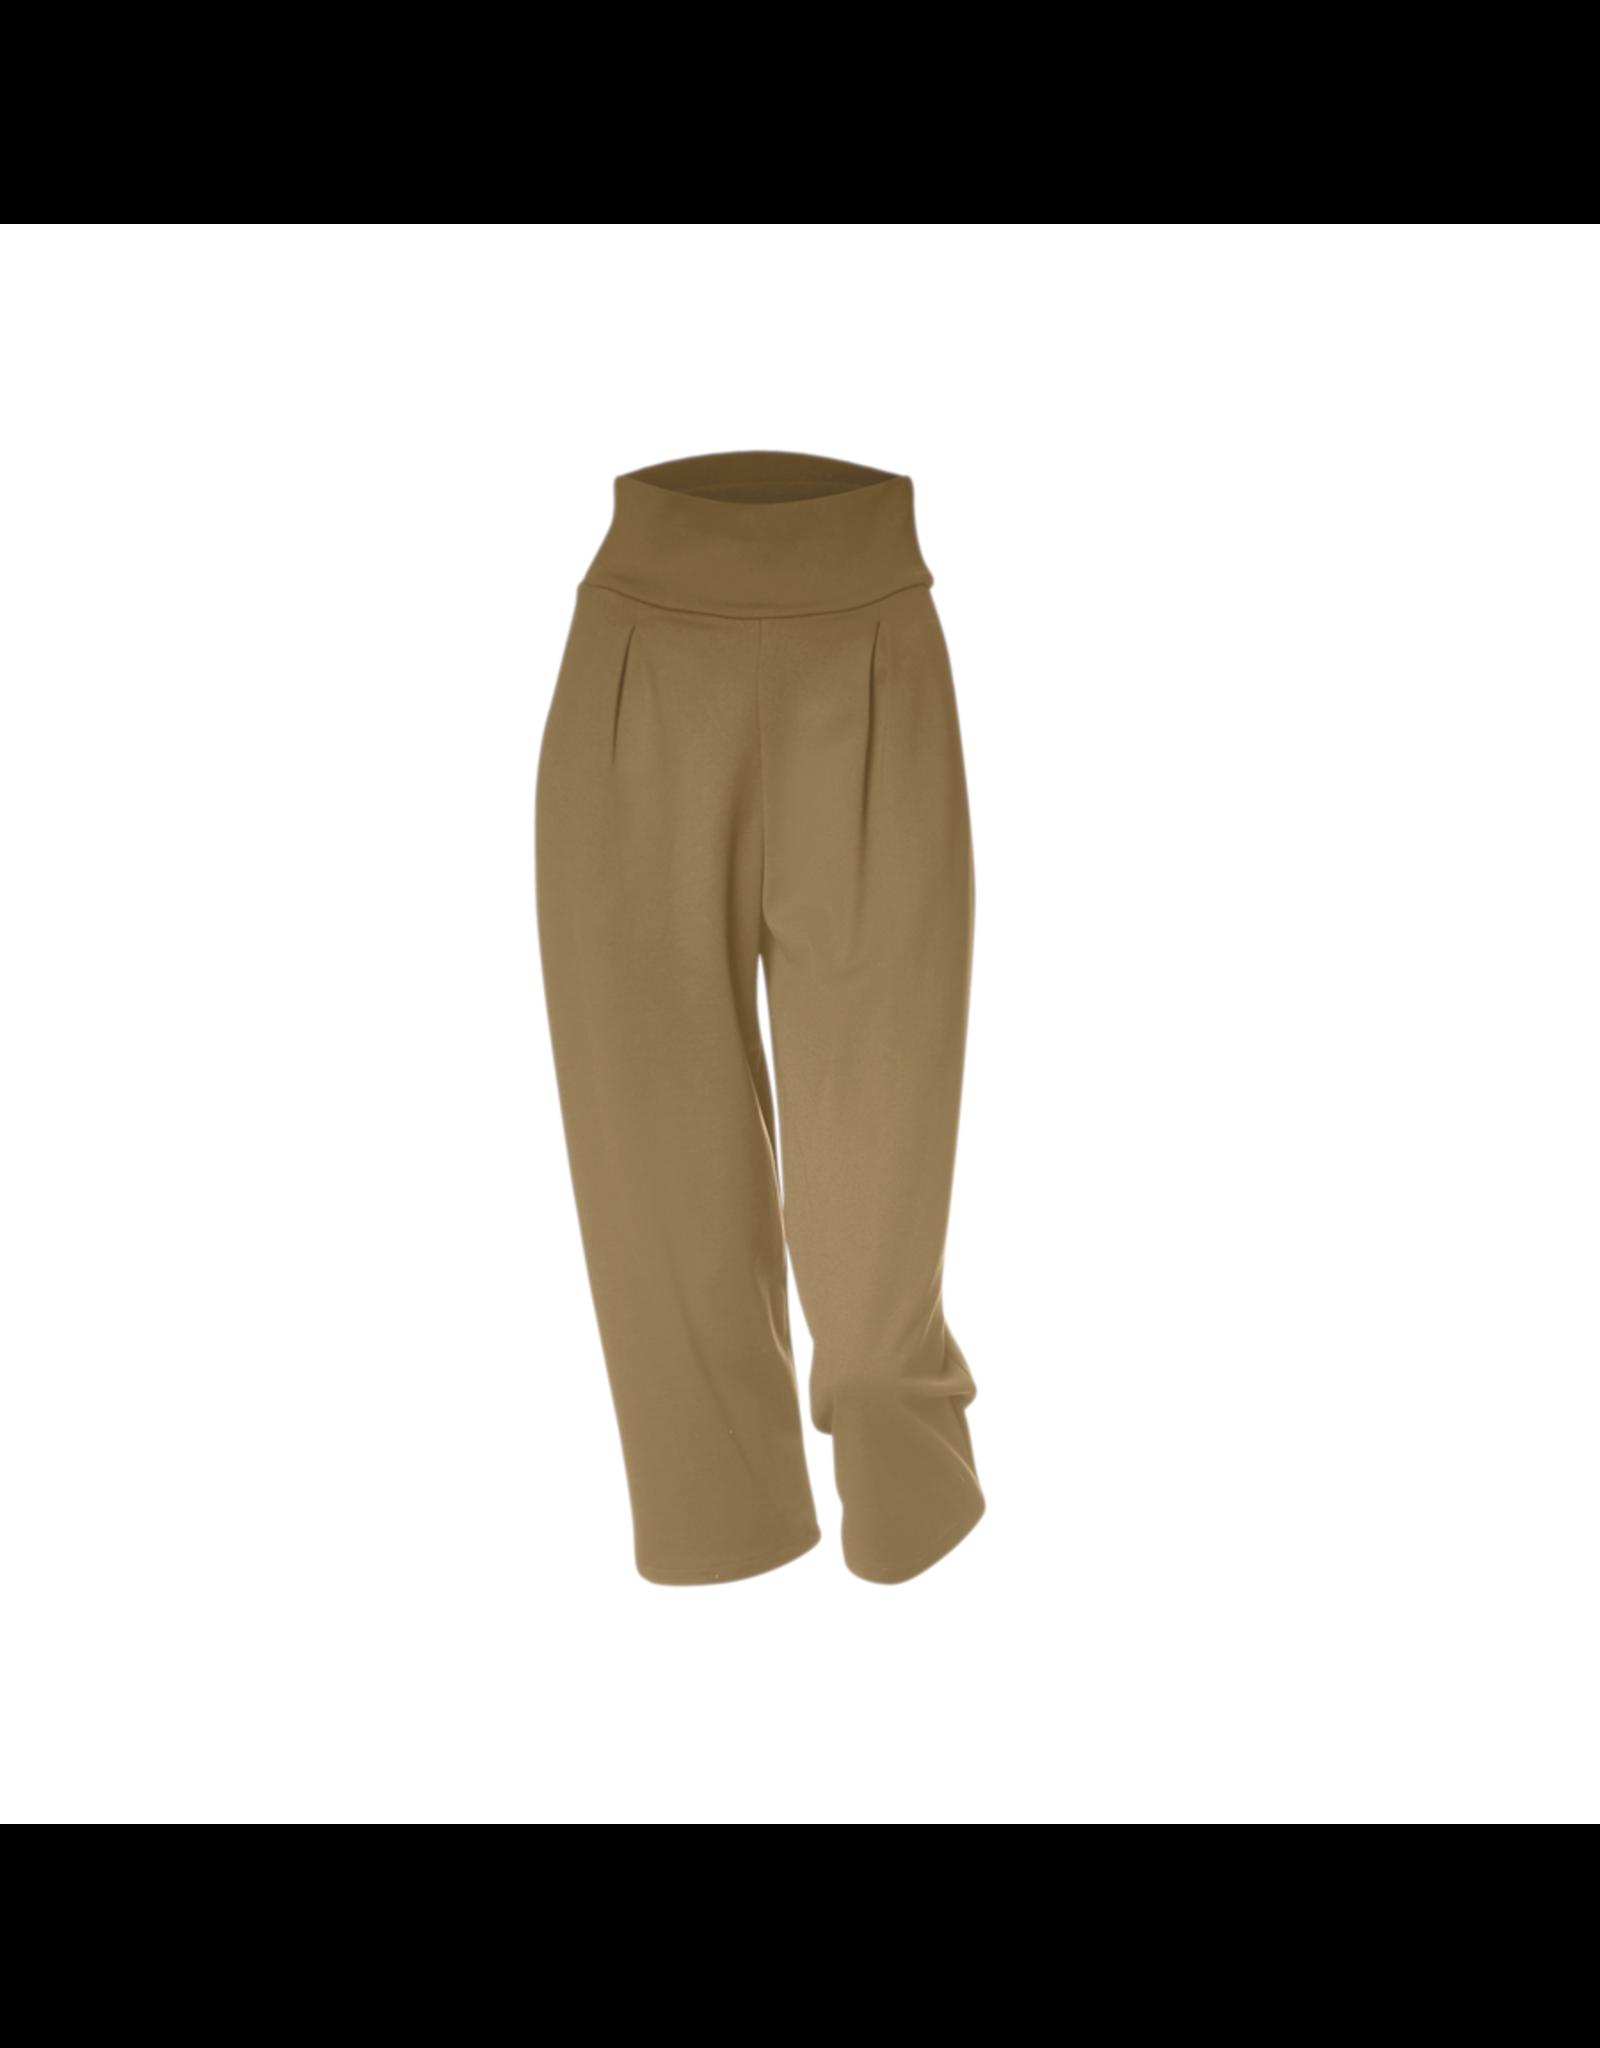 Melow Pantalon Wilfred Latte